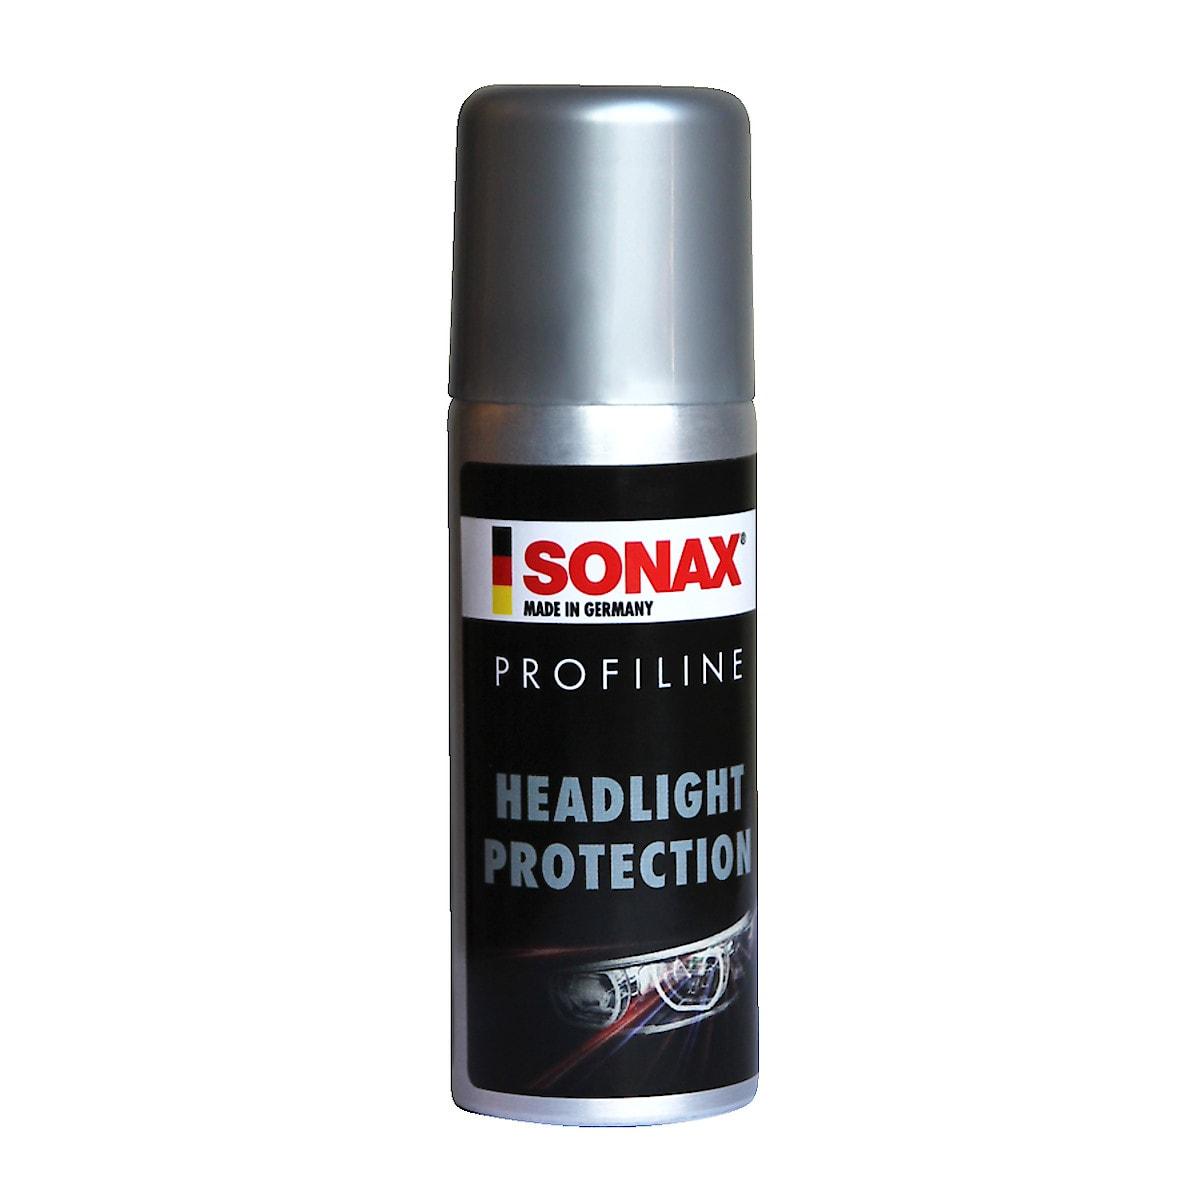 Strålkastarförsegling Pro HeadlightProtection Sonax, 50 ml